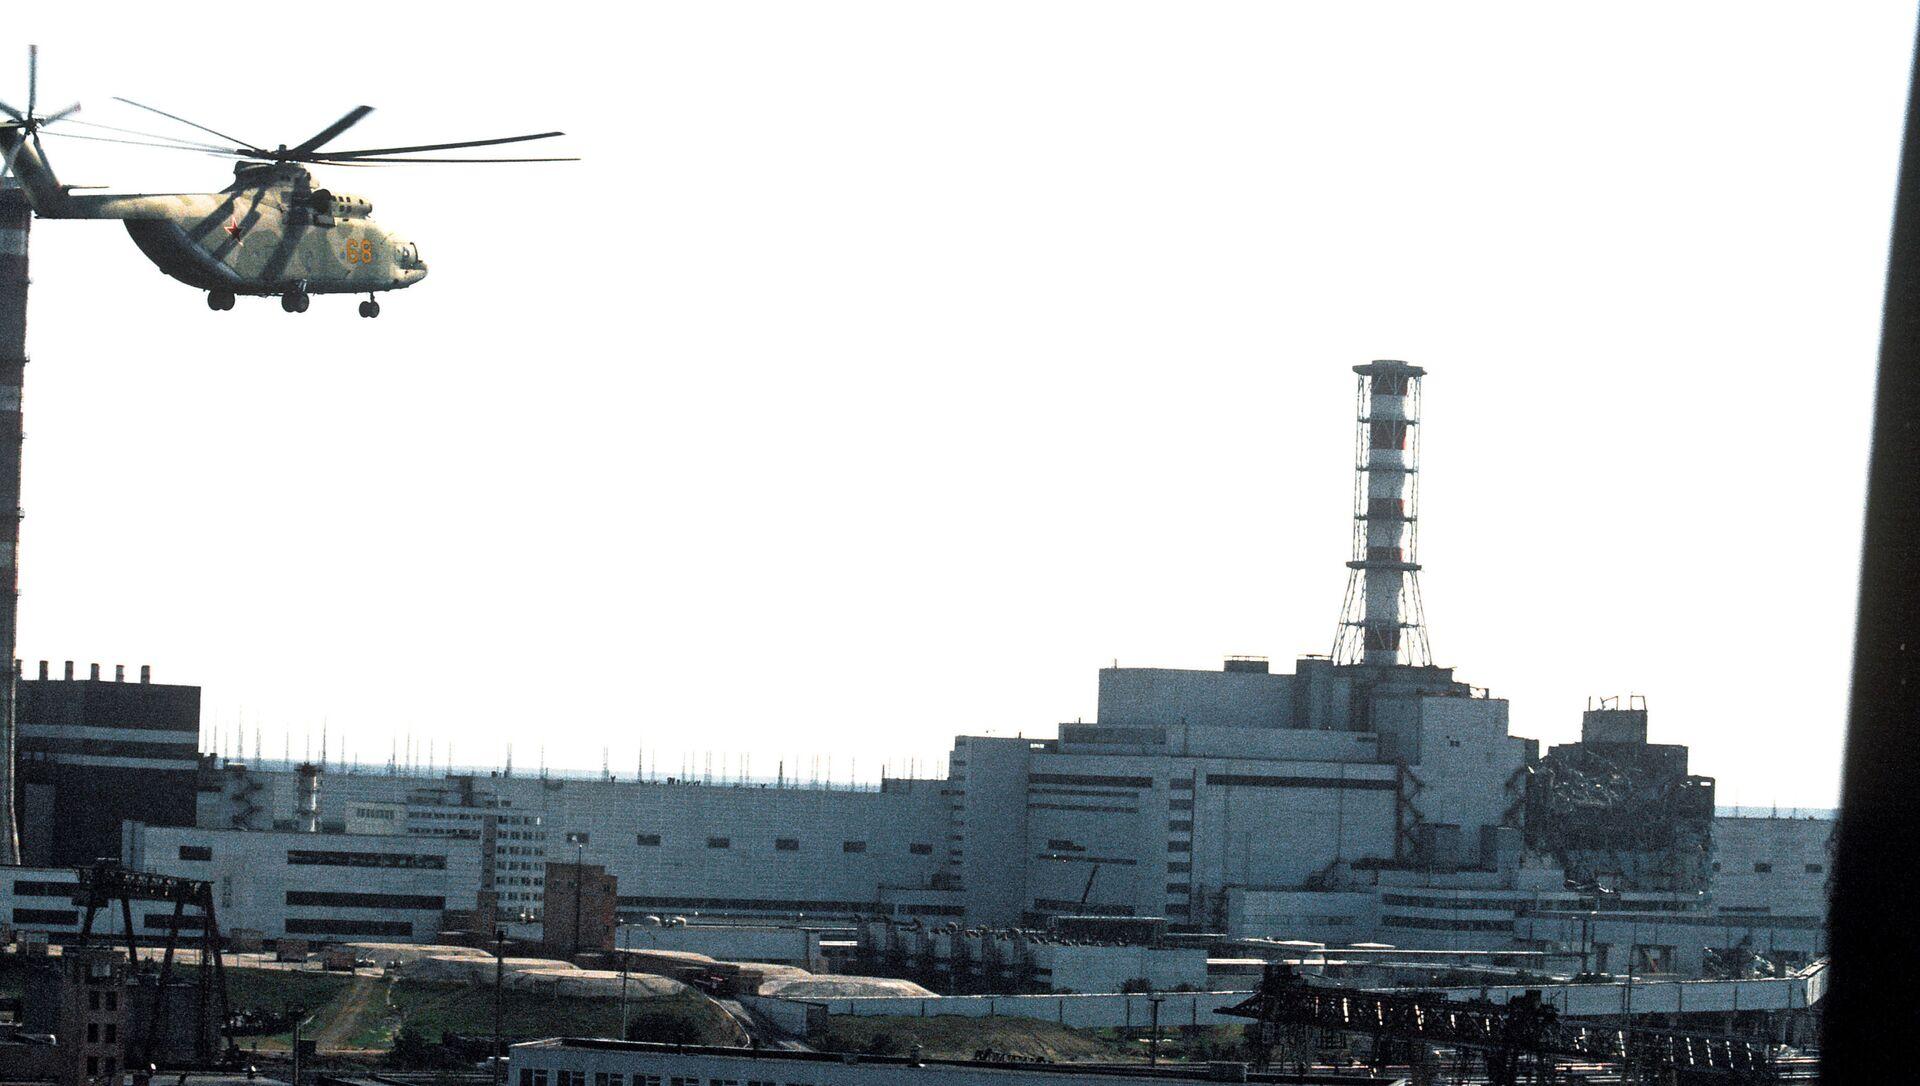 Un elicottero in volo sul reattore 4 della centrale di Chernobyl - Sputnik Italia, 1920, 18.05.2021